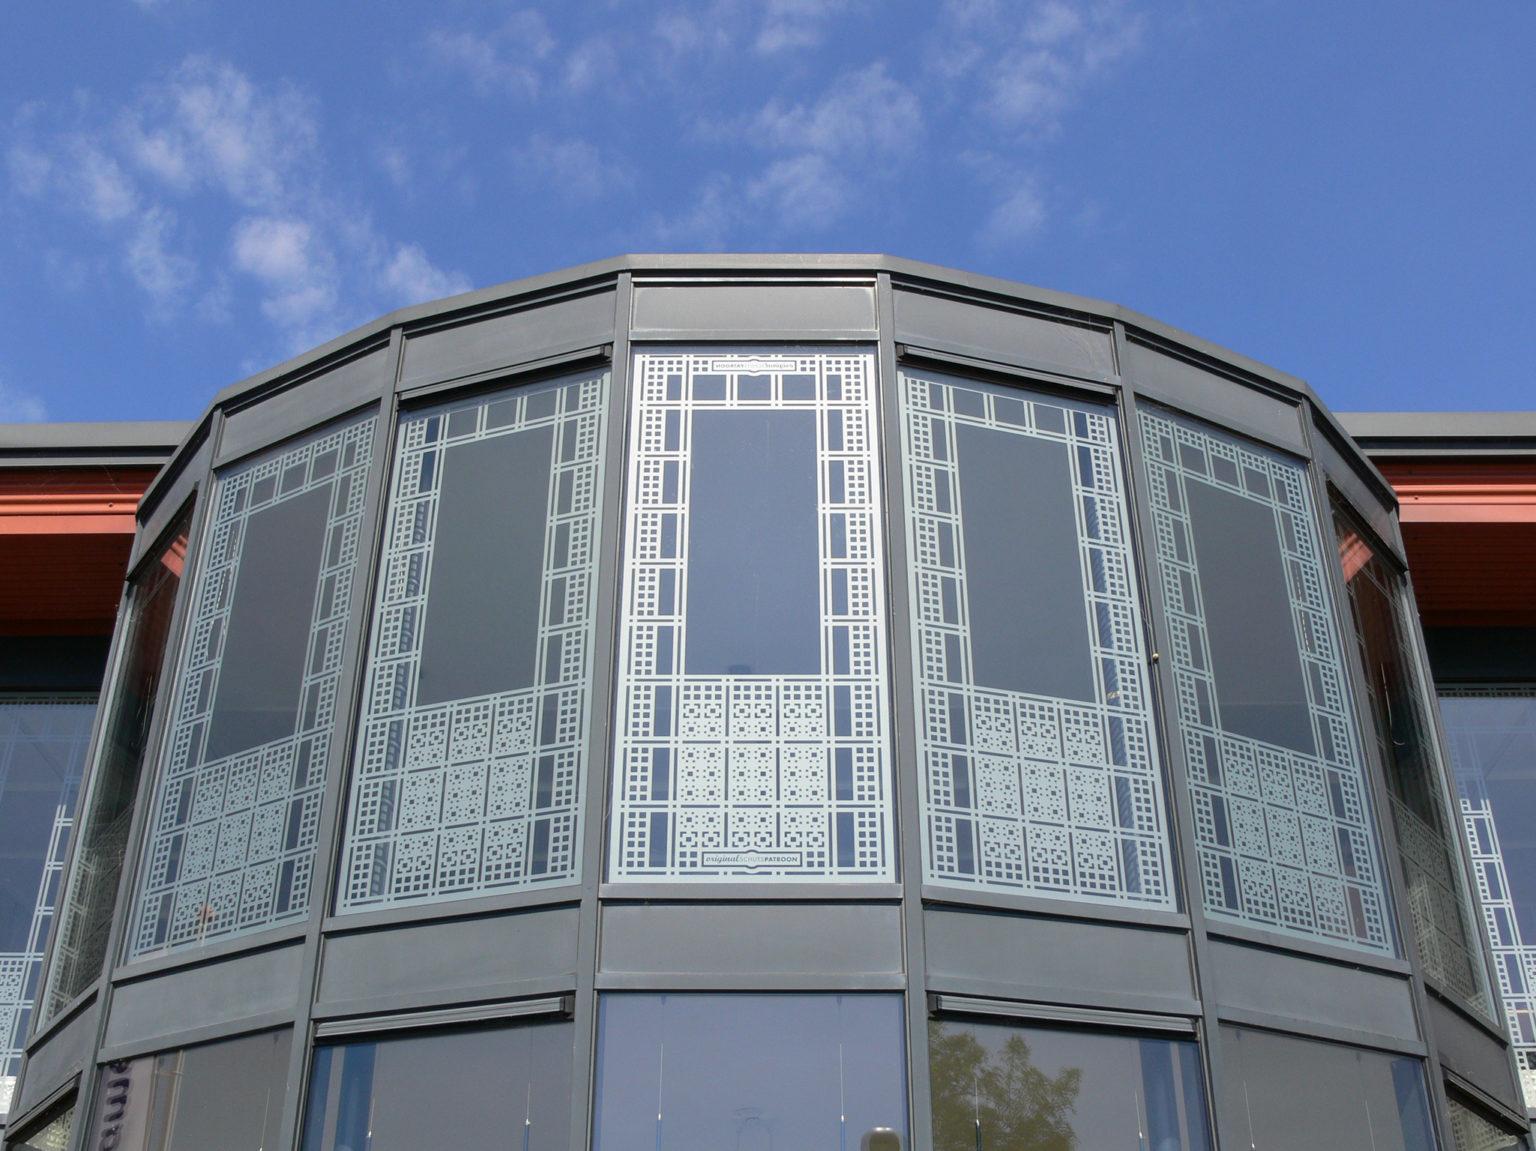 Bedrijfsruimte met raamfolie patronen van buiten gezien